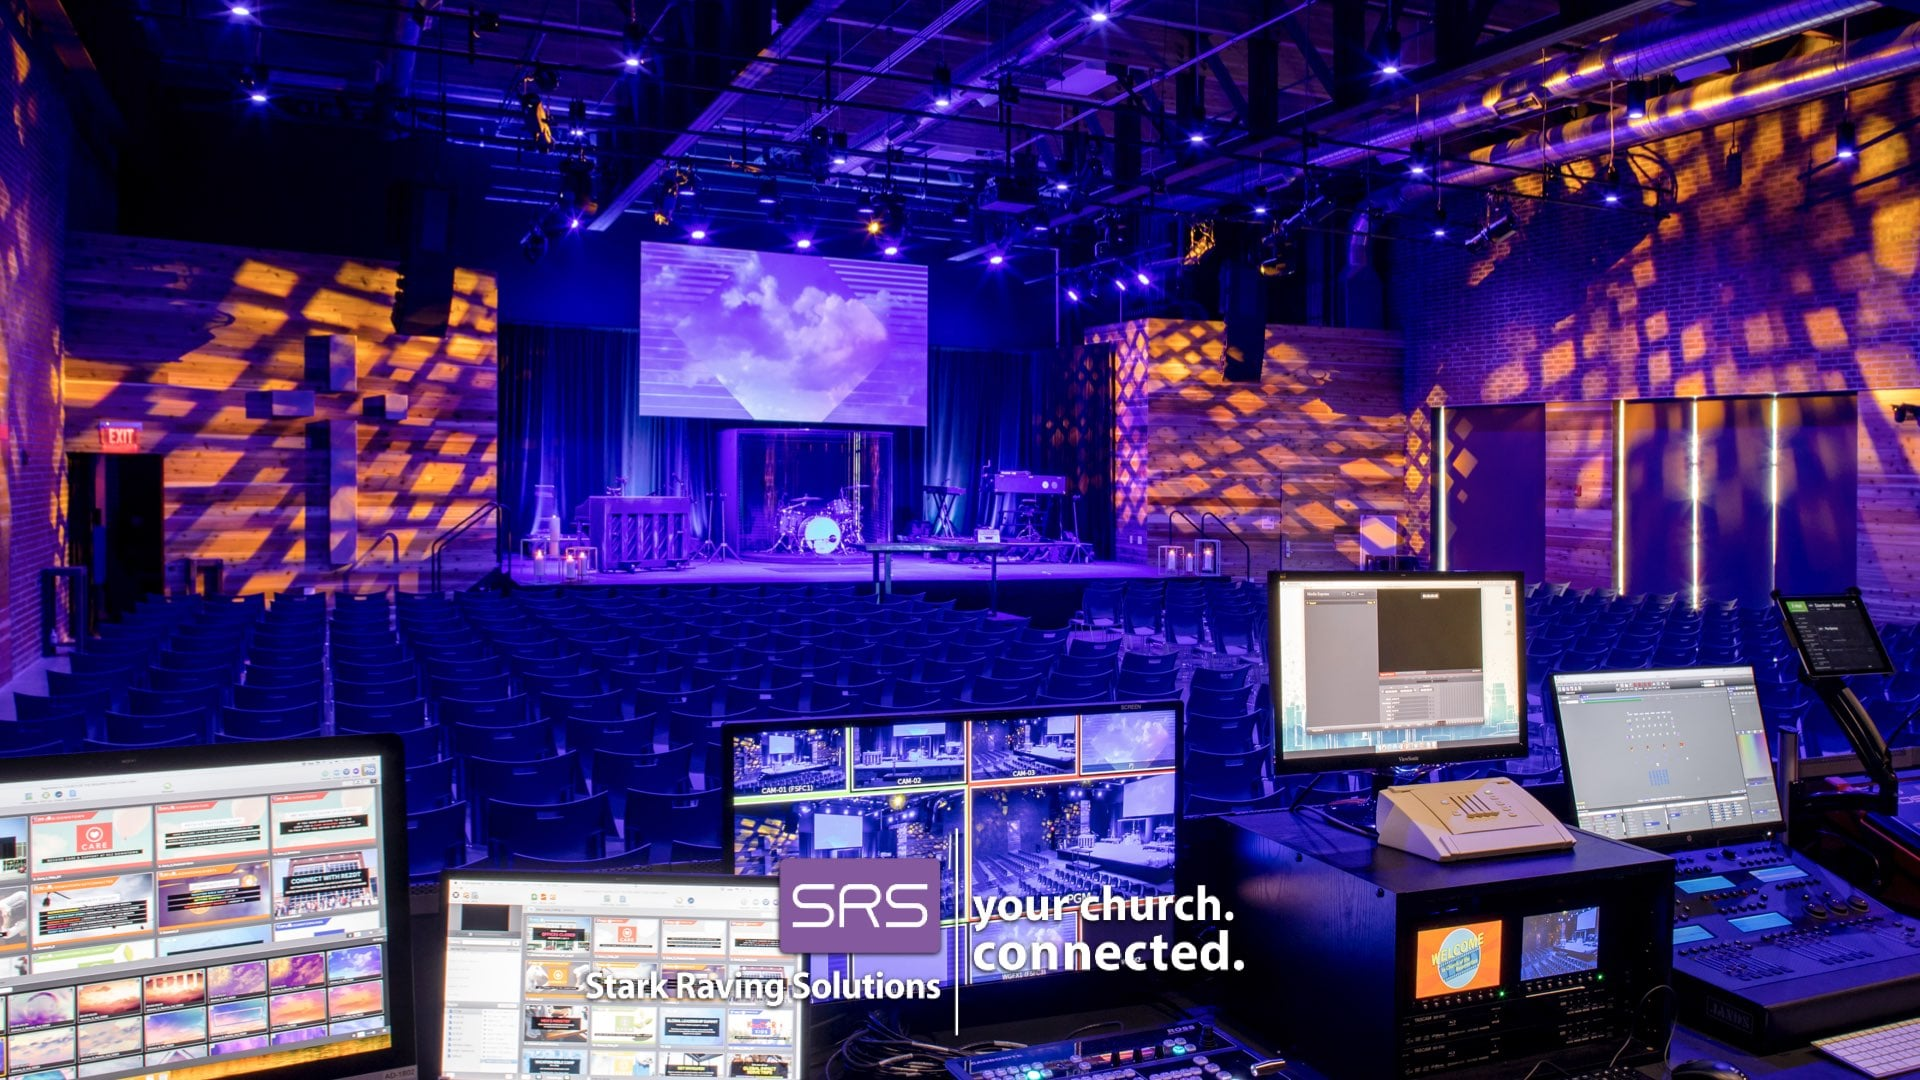 PLEASANT VALLEY BAPTIST CHURCH | Audio Video Church | Church AVL